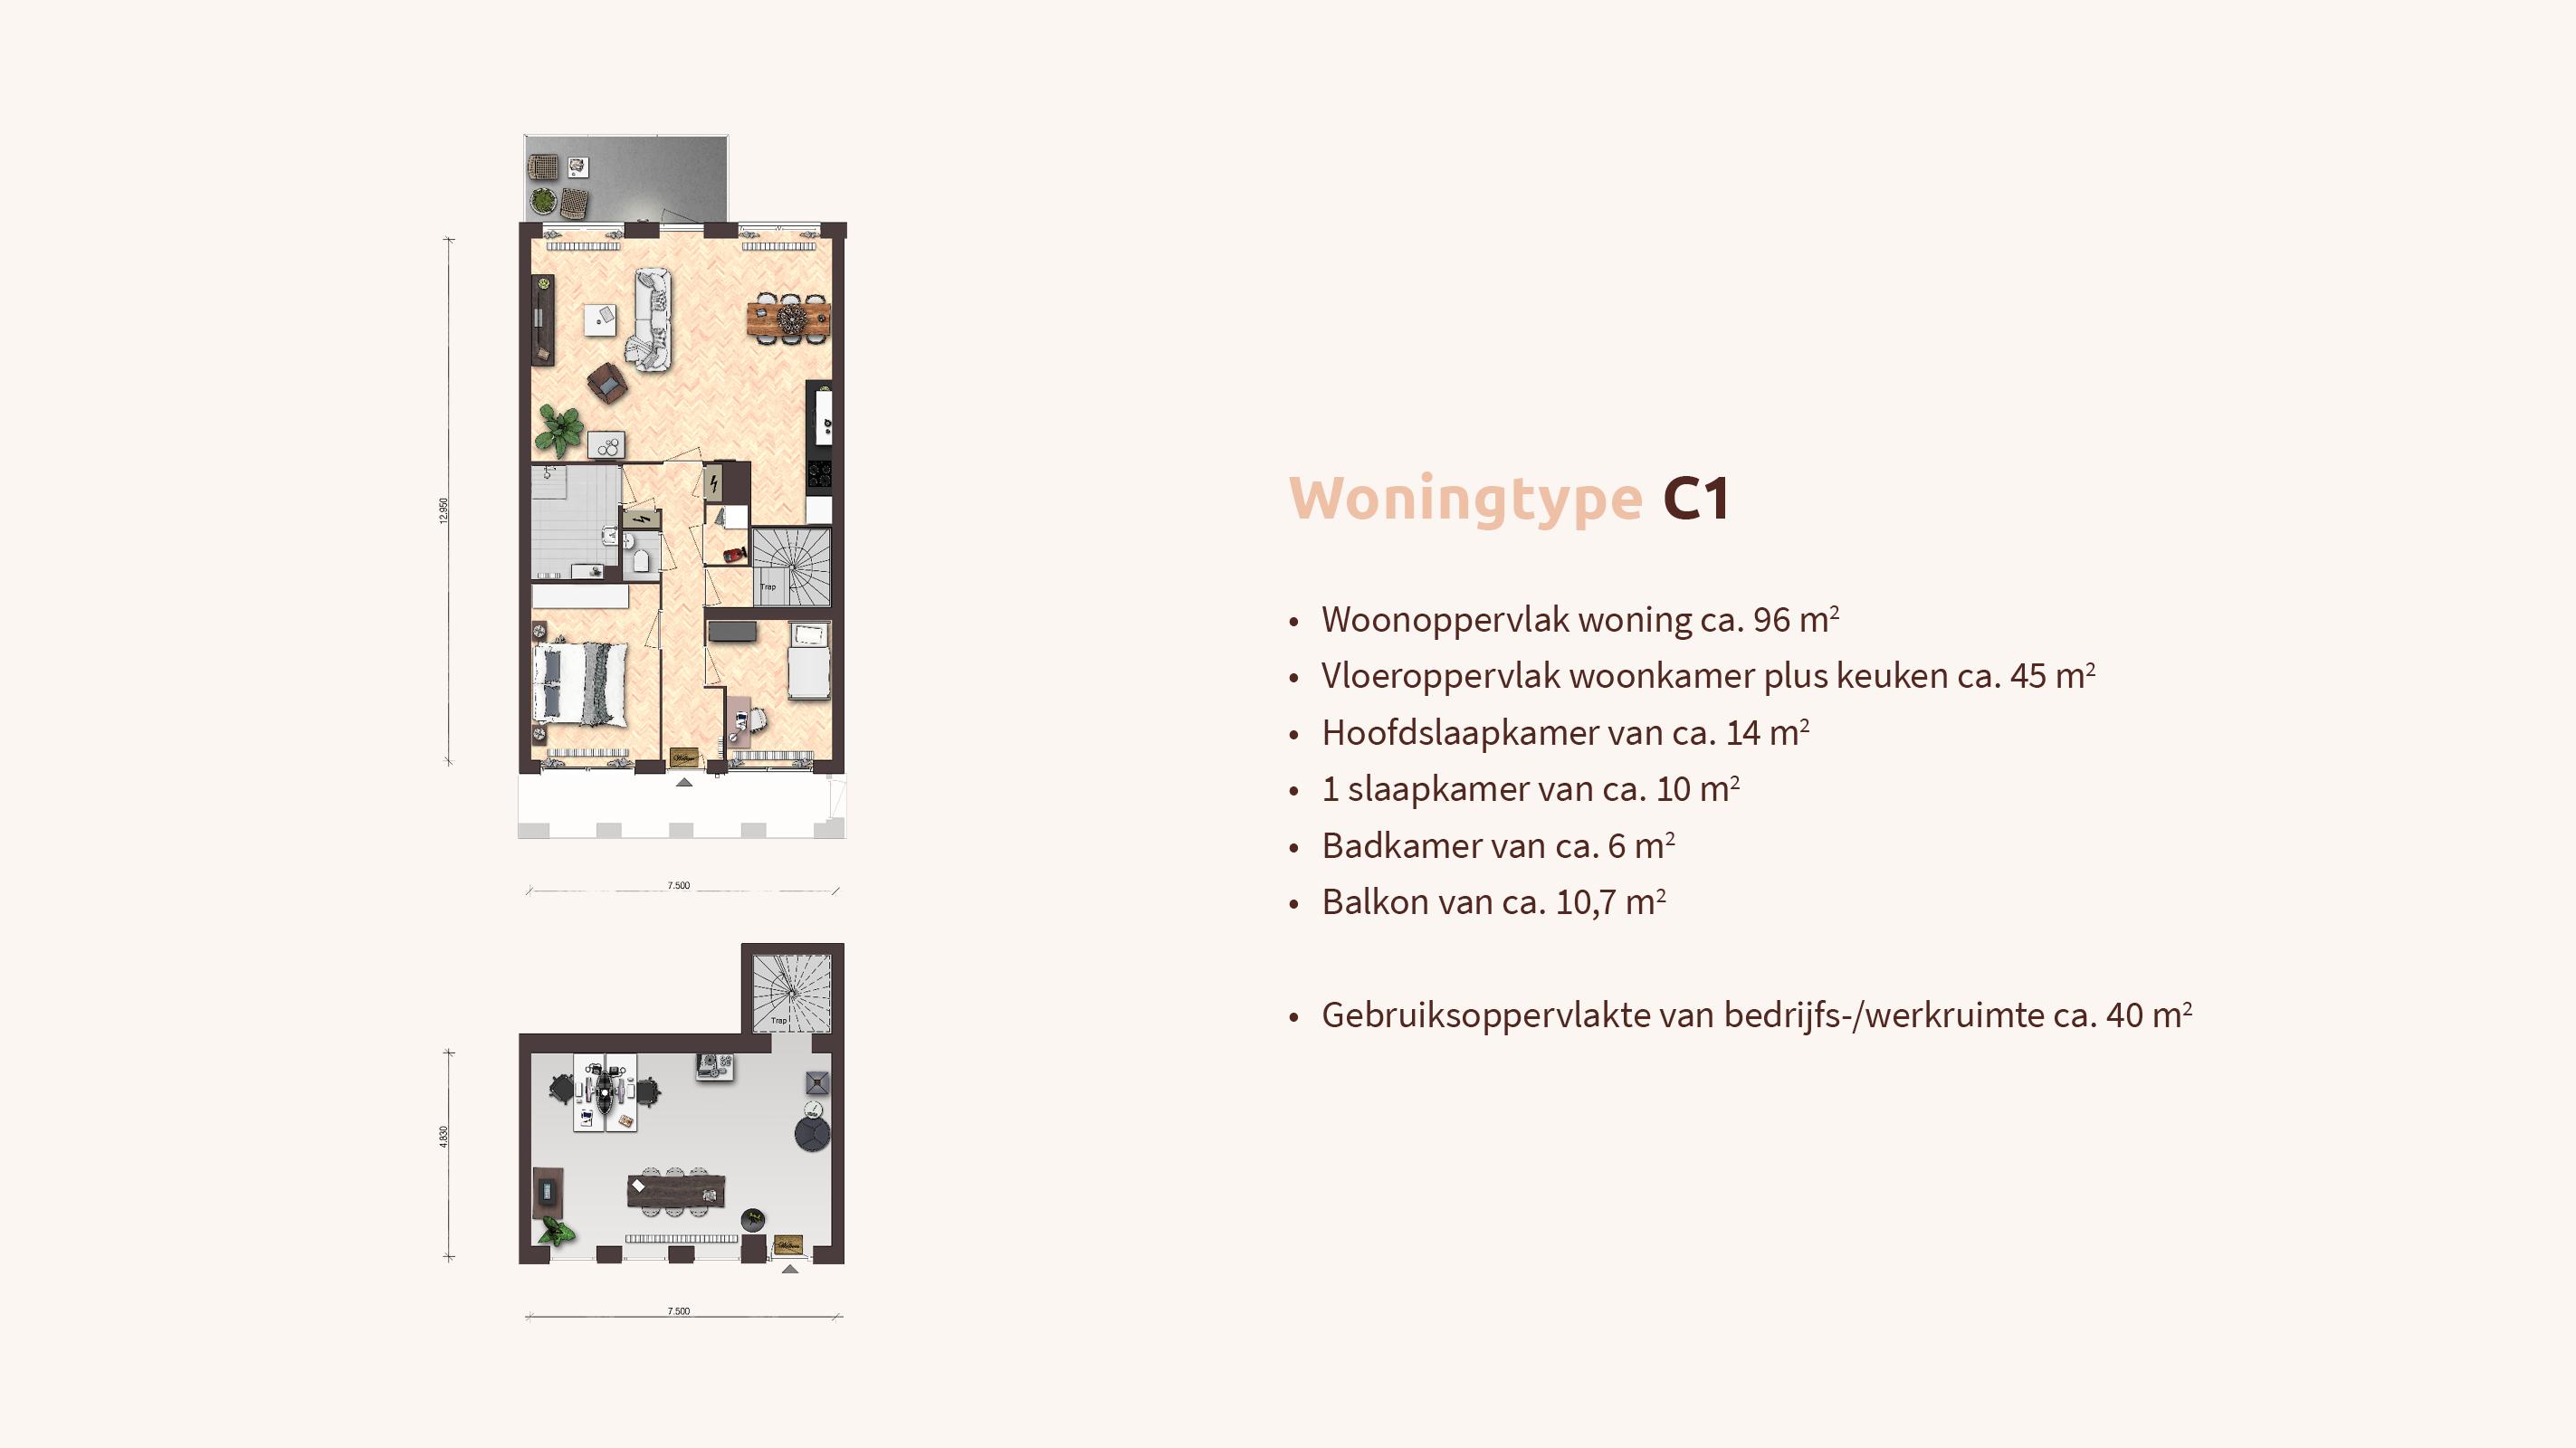 Woningtype - Woon-werk - Plattegrond C1 - Appartementen Leidsche Rijn - Picaz Utrecht